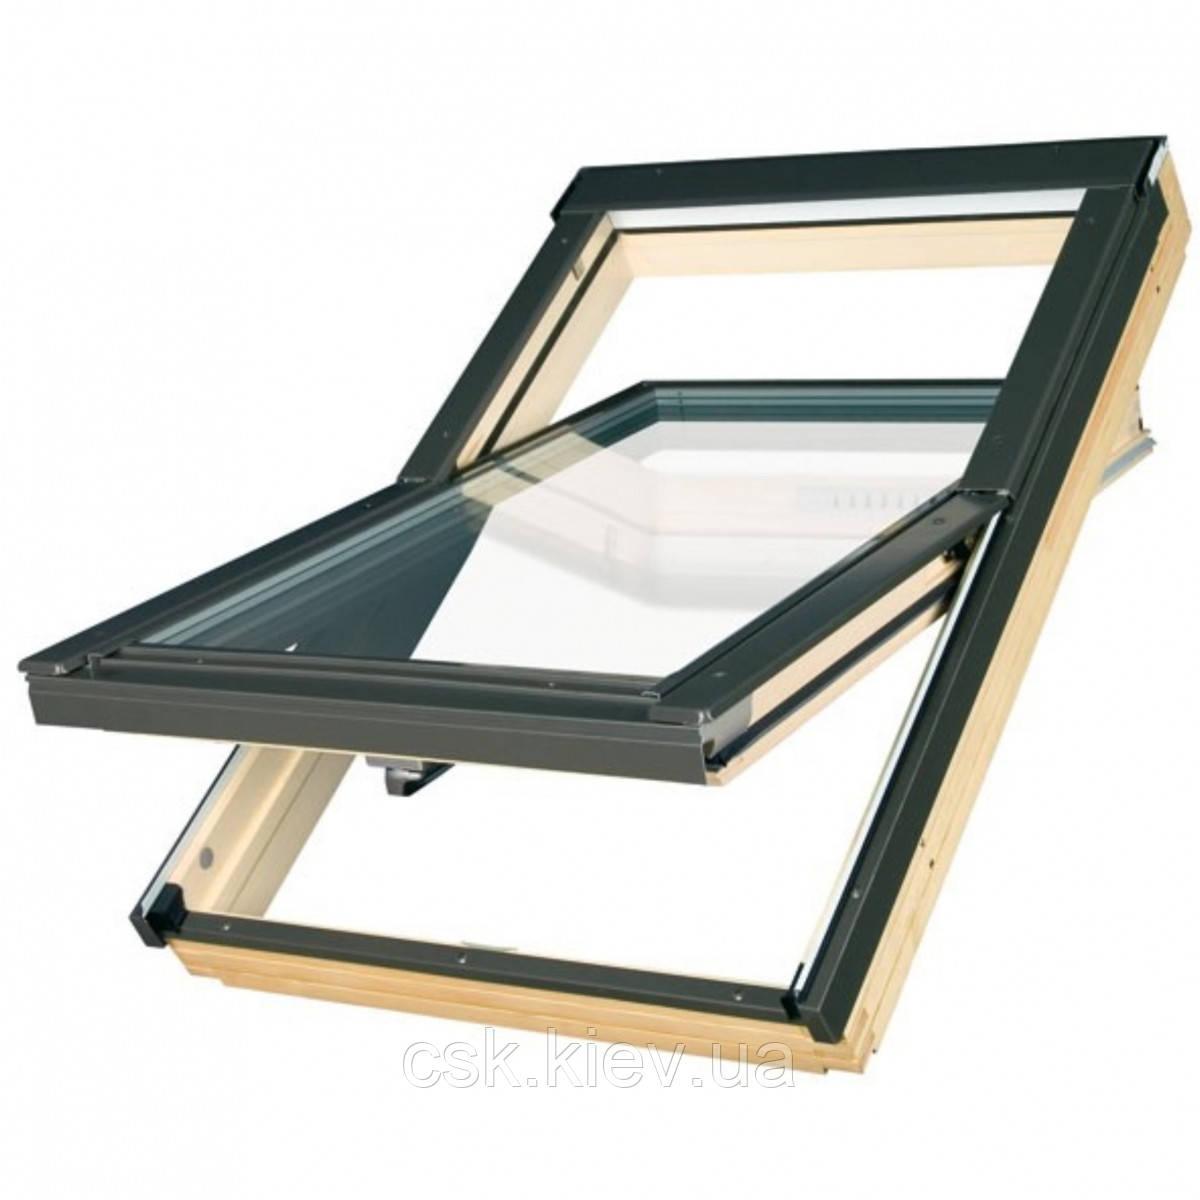 Мансардное окно VELUX с открыванием по центральной оси, фото 1